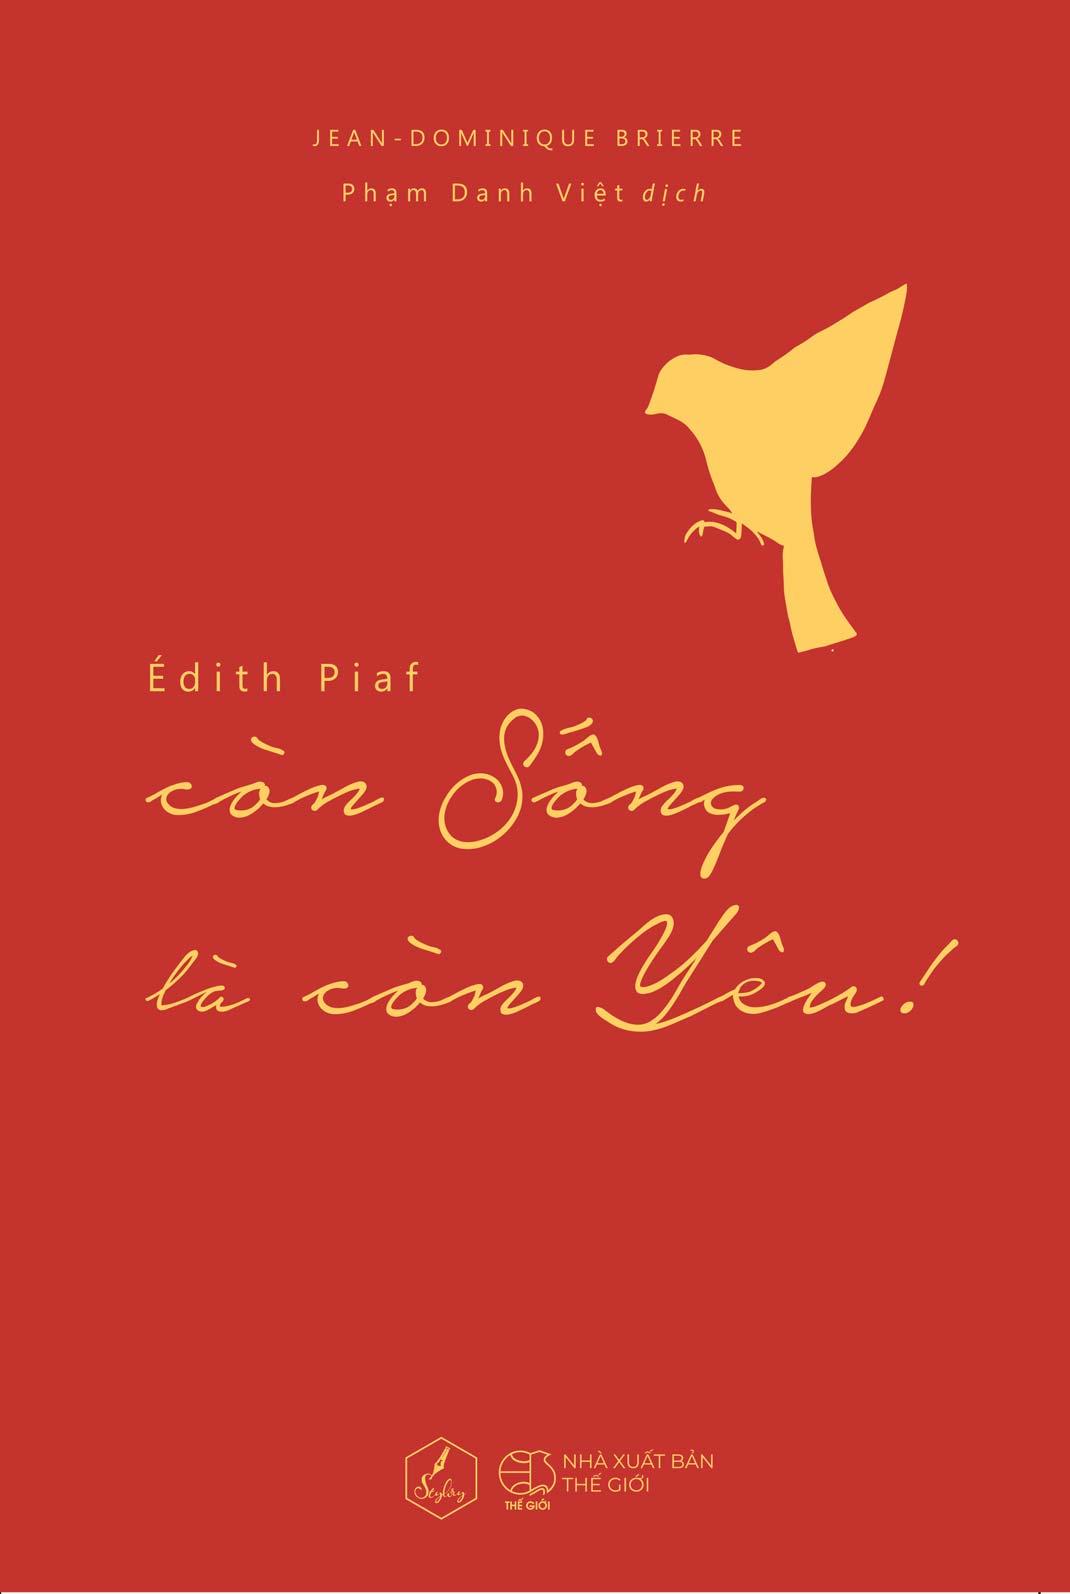 Édith Piaf - Còn Sống Là Còn Yêu